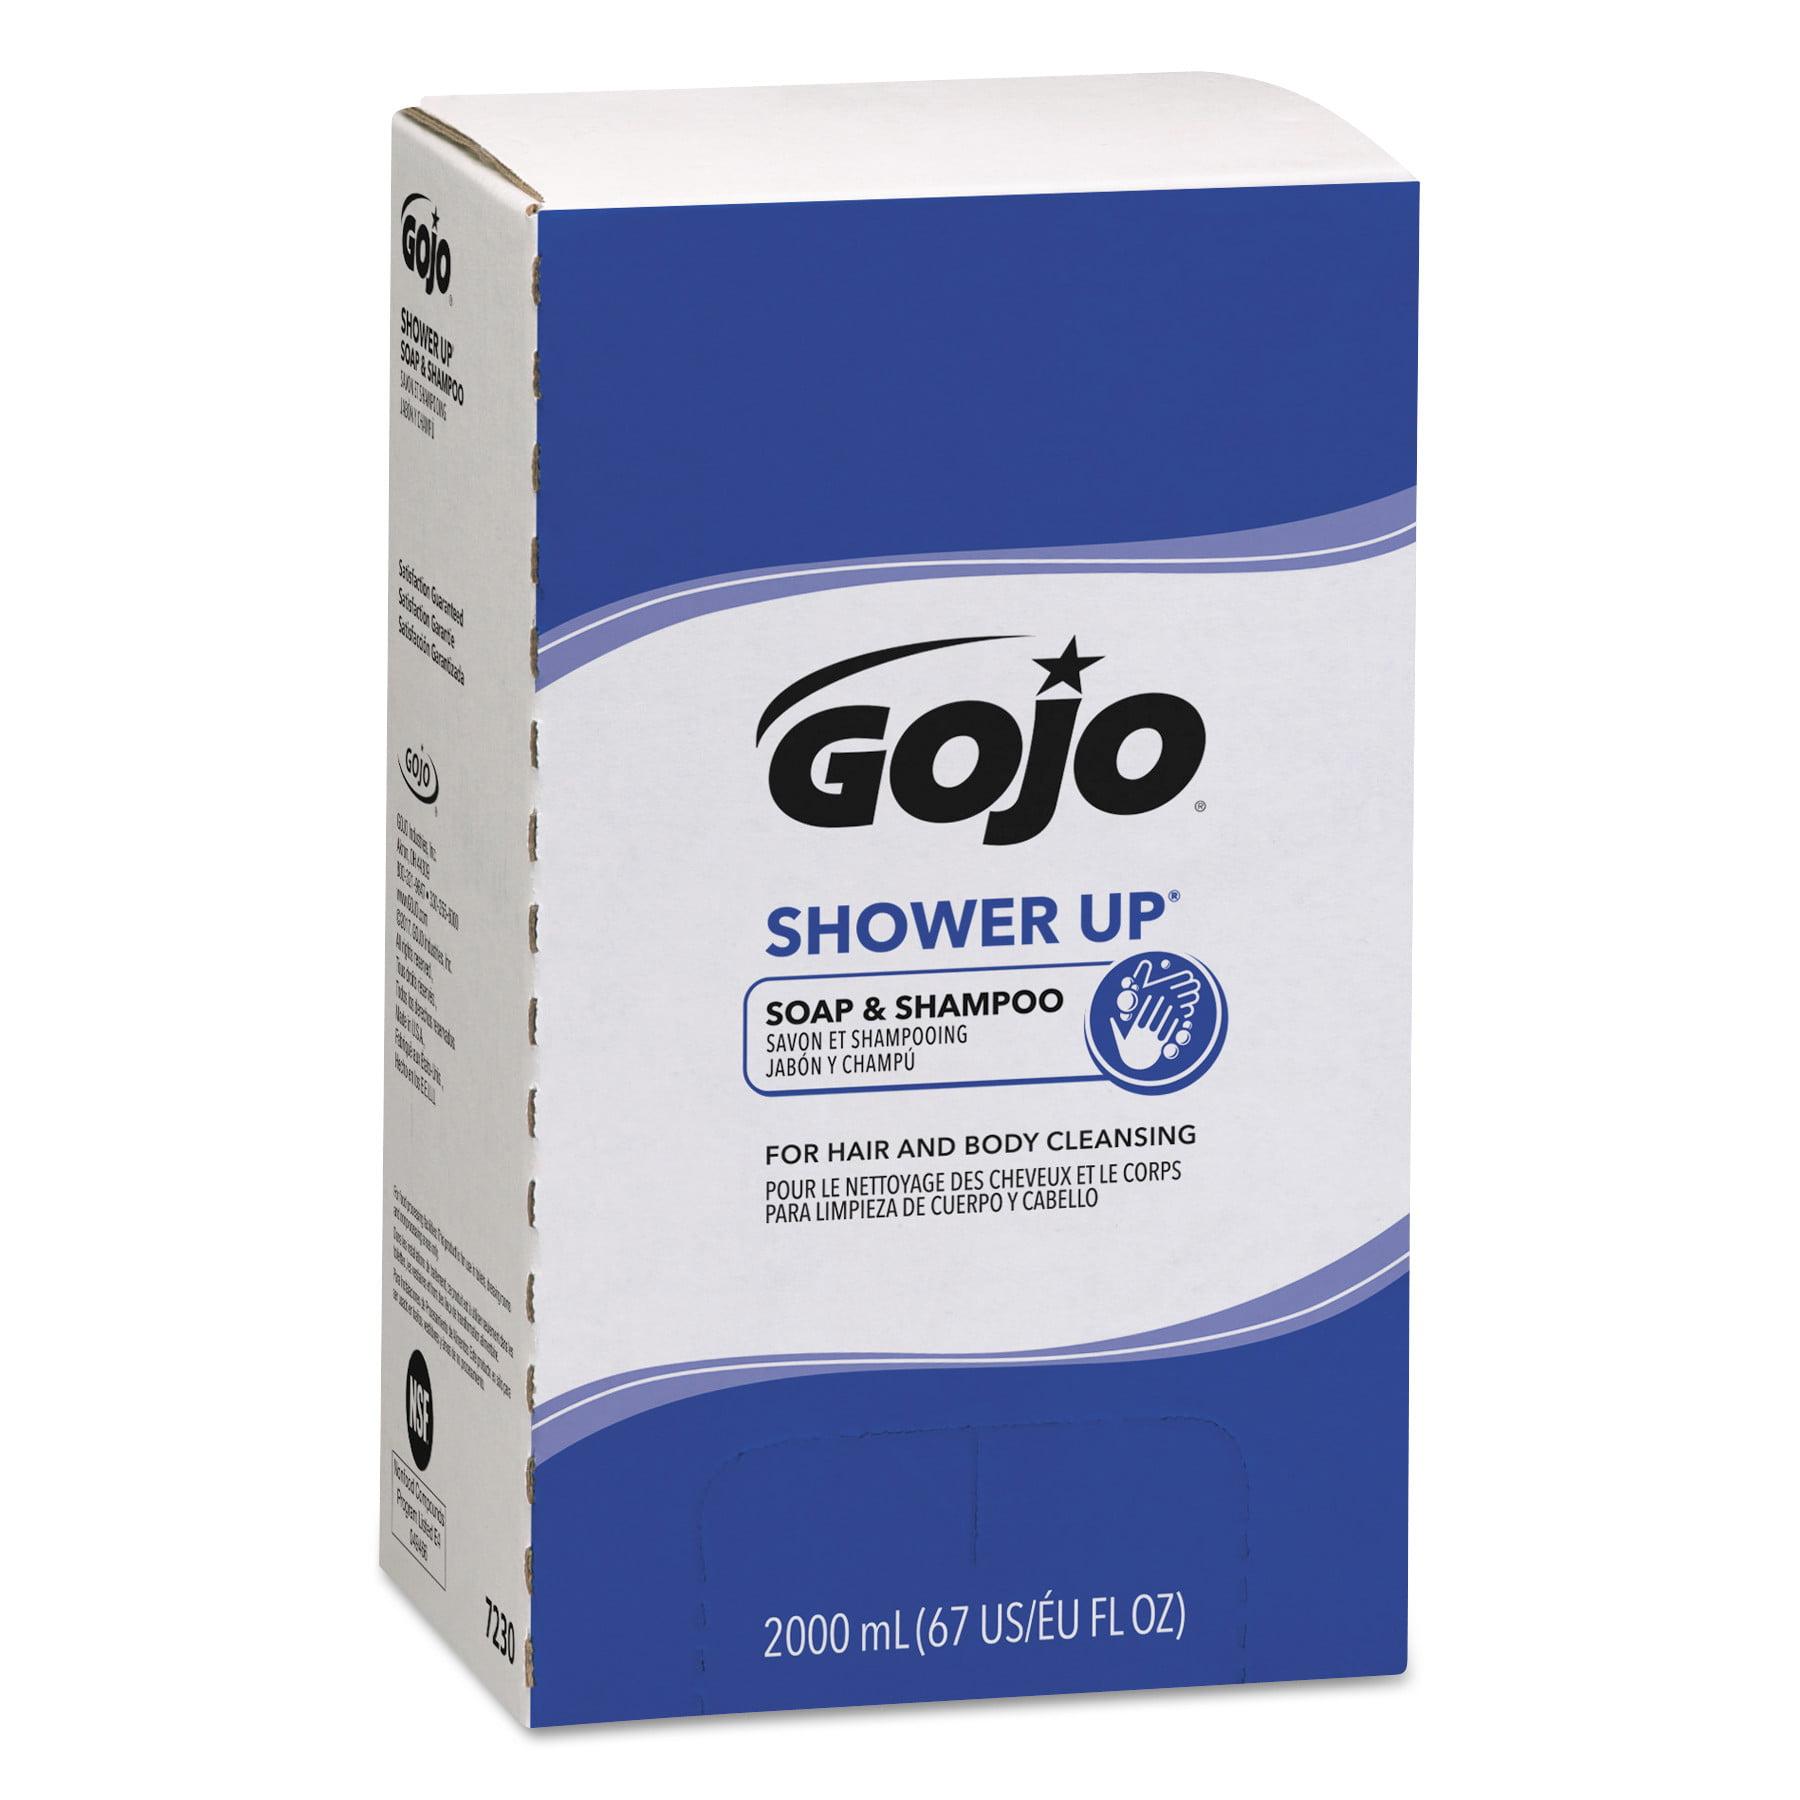 Gojo Shower Up Soap & Shampoo